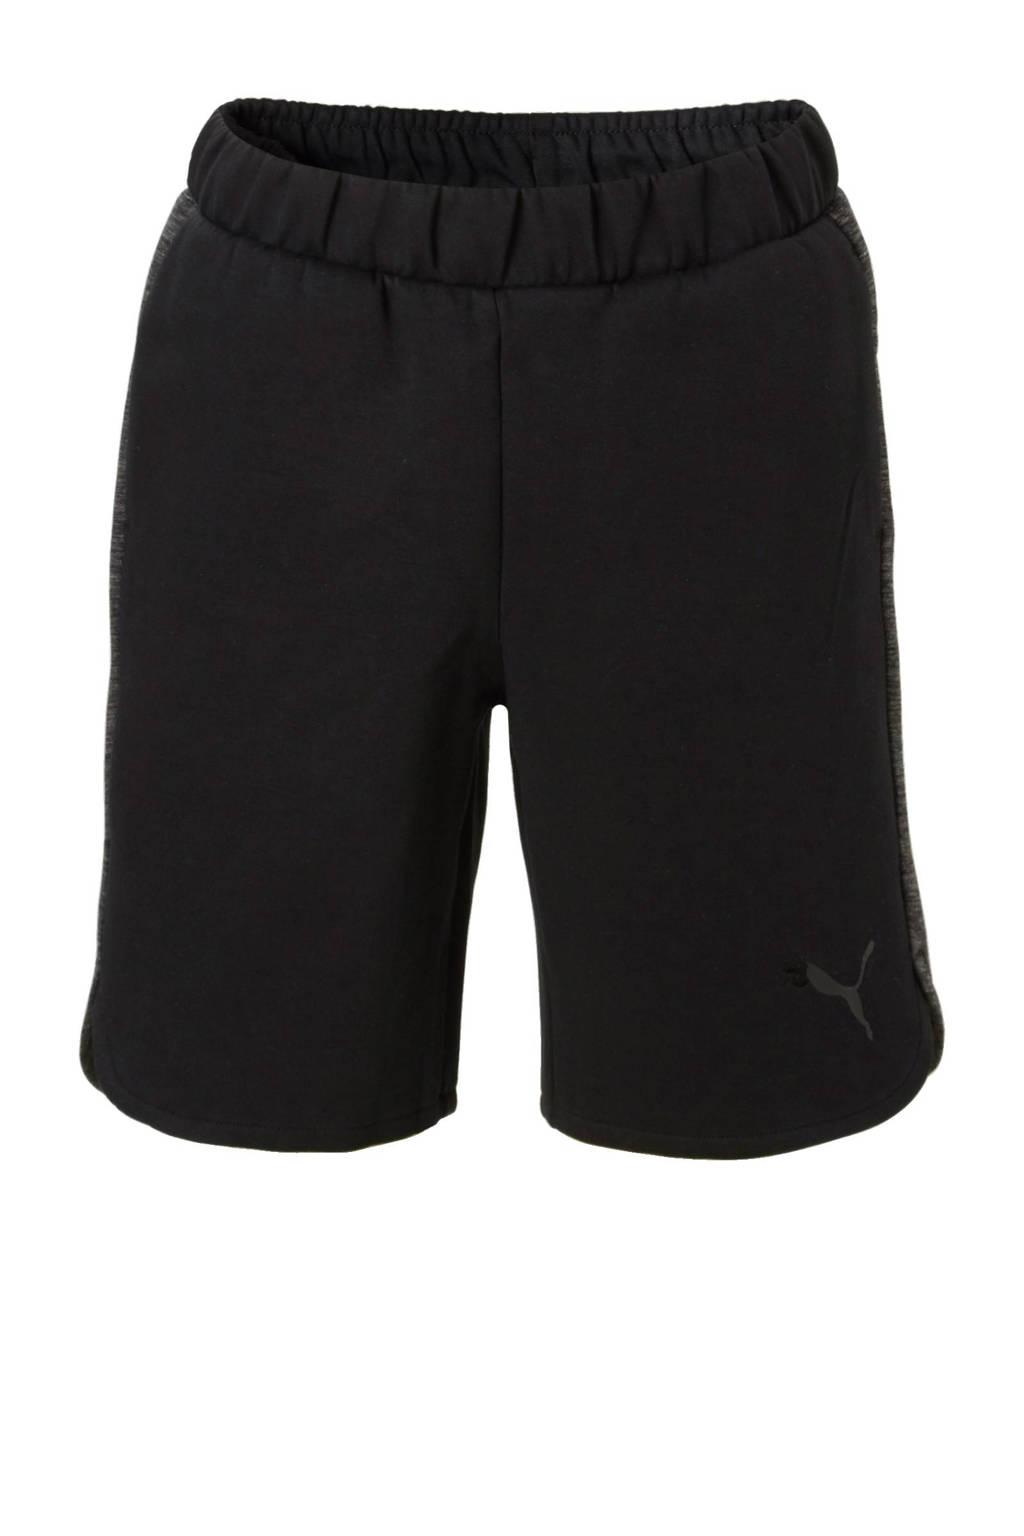 Puma   sweatshort zwart, Zwart/grijs